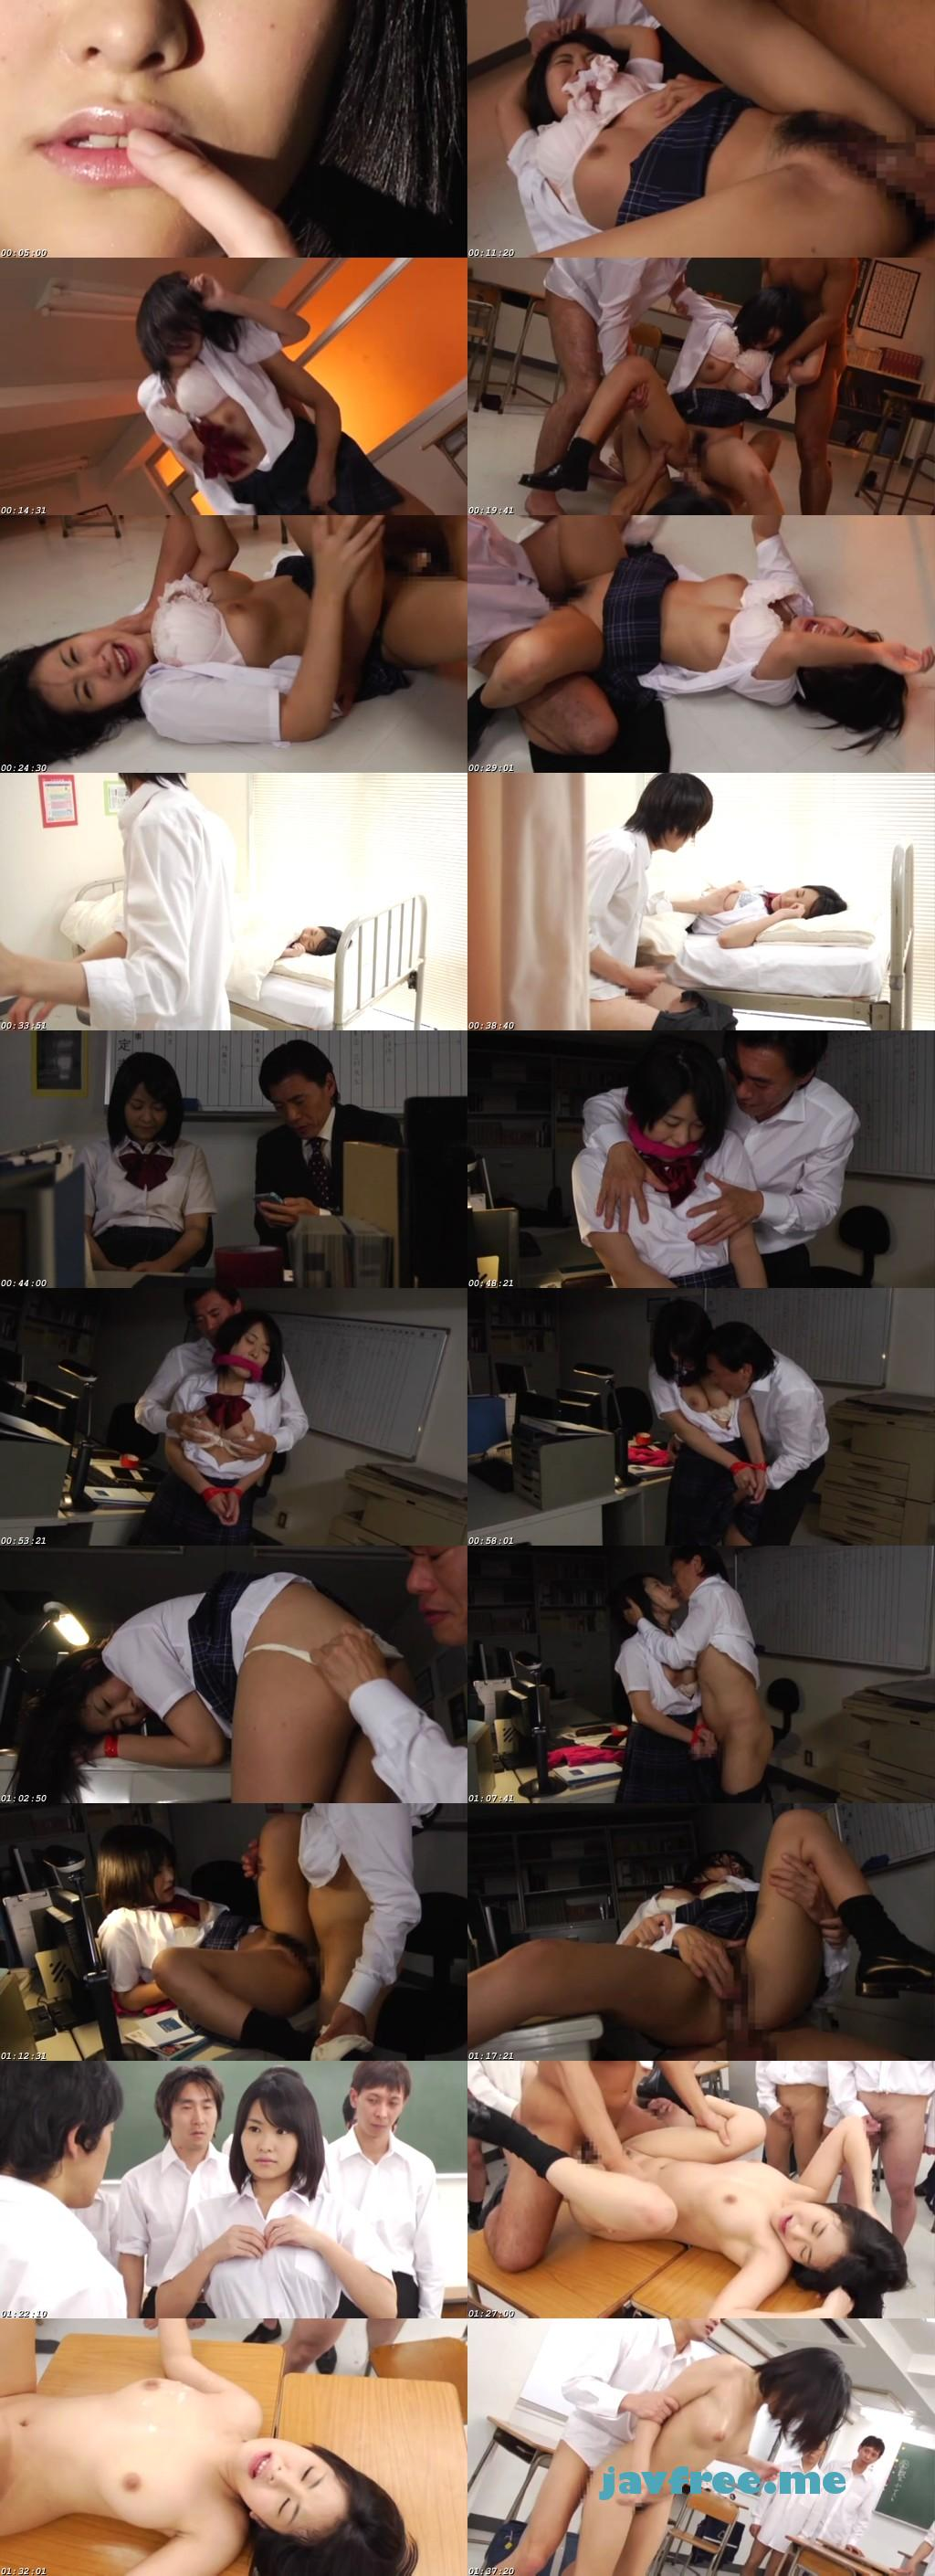 [STAR-365] 女子校生輪姦レイプ 牧瀬みさ - image STAR-365 on https://javfree.me